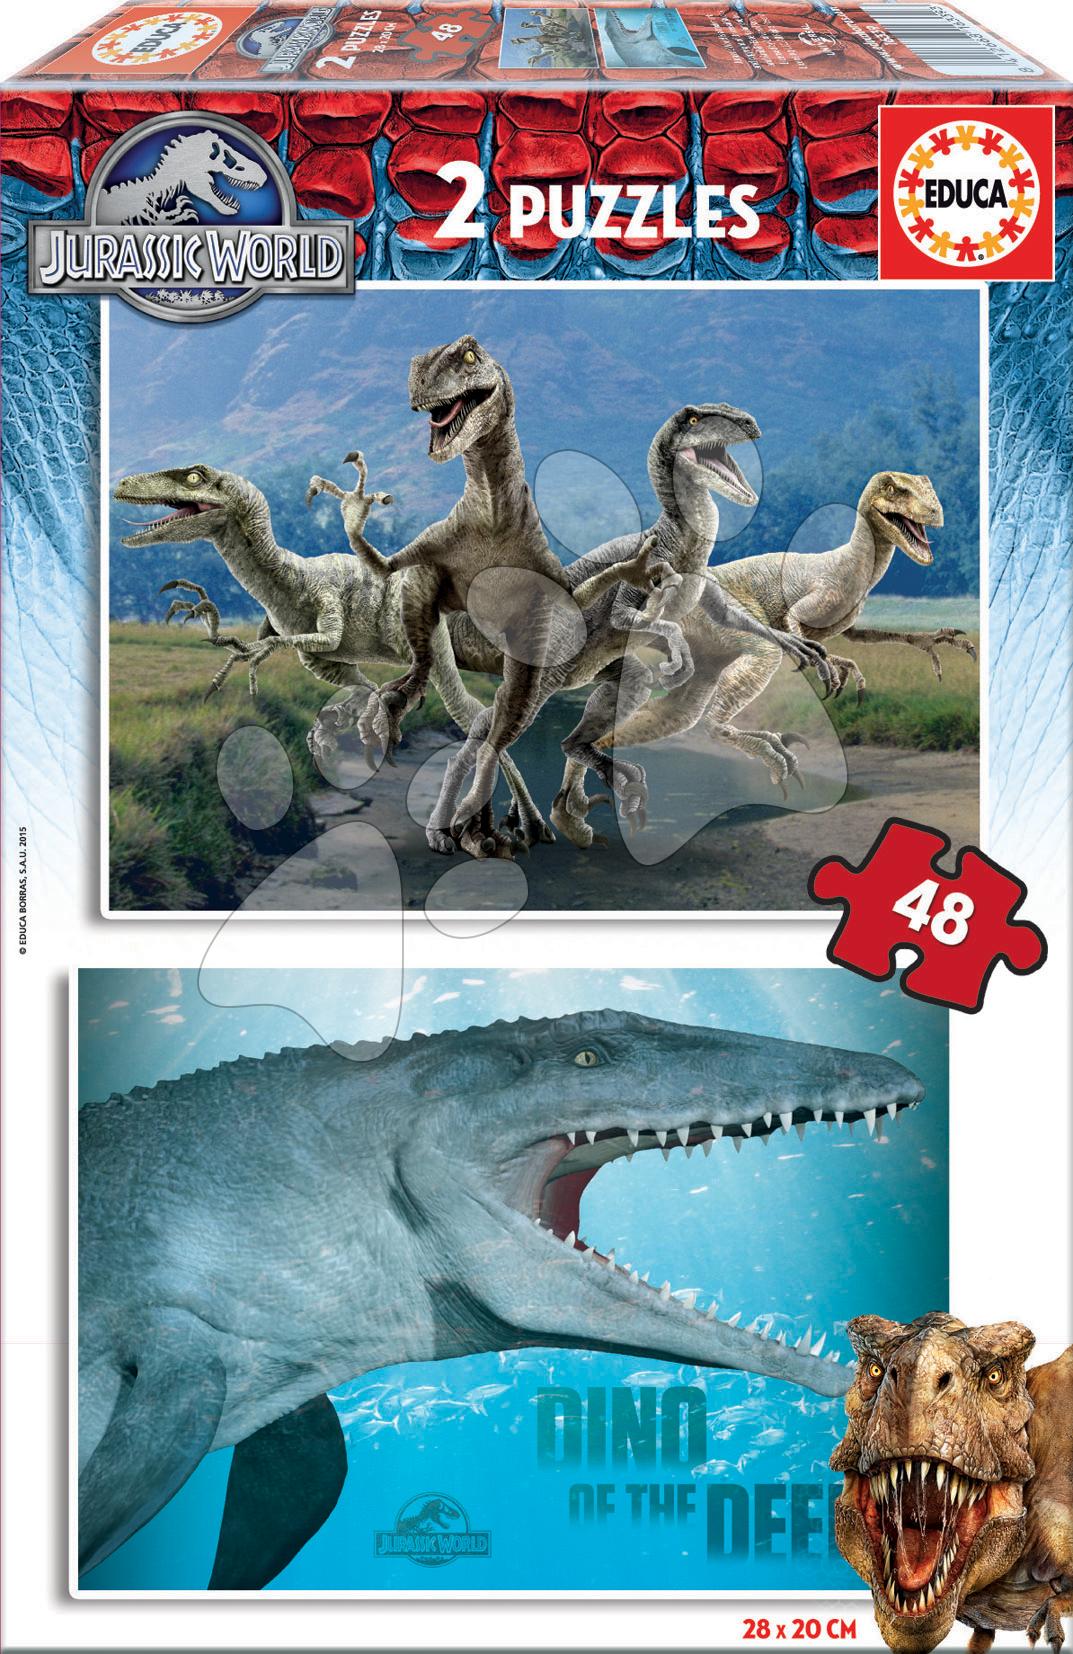 Detské puzzle do 100 dielov - Puzzle Jurský svet Educa 2x 48 dielov